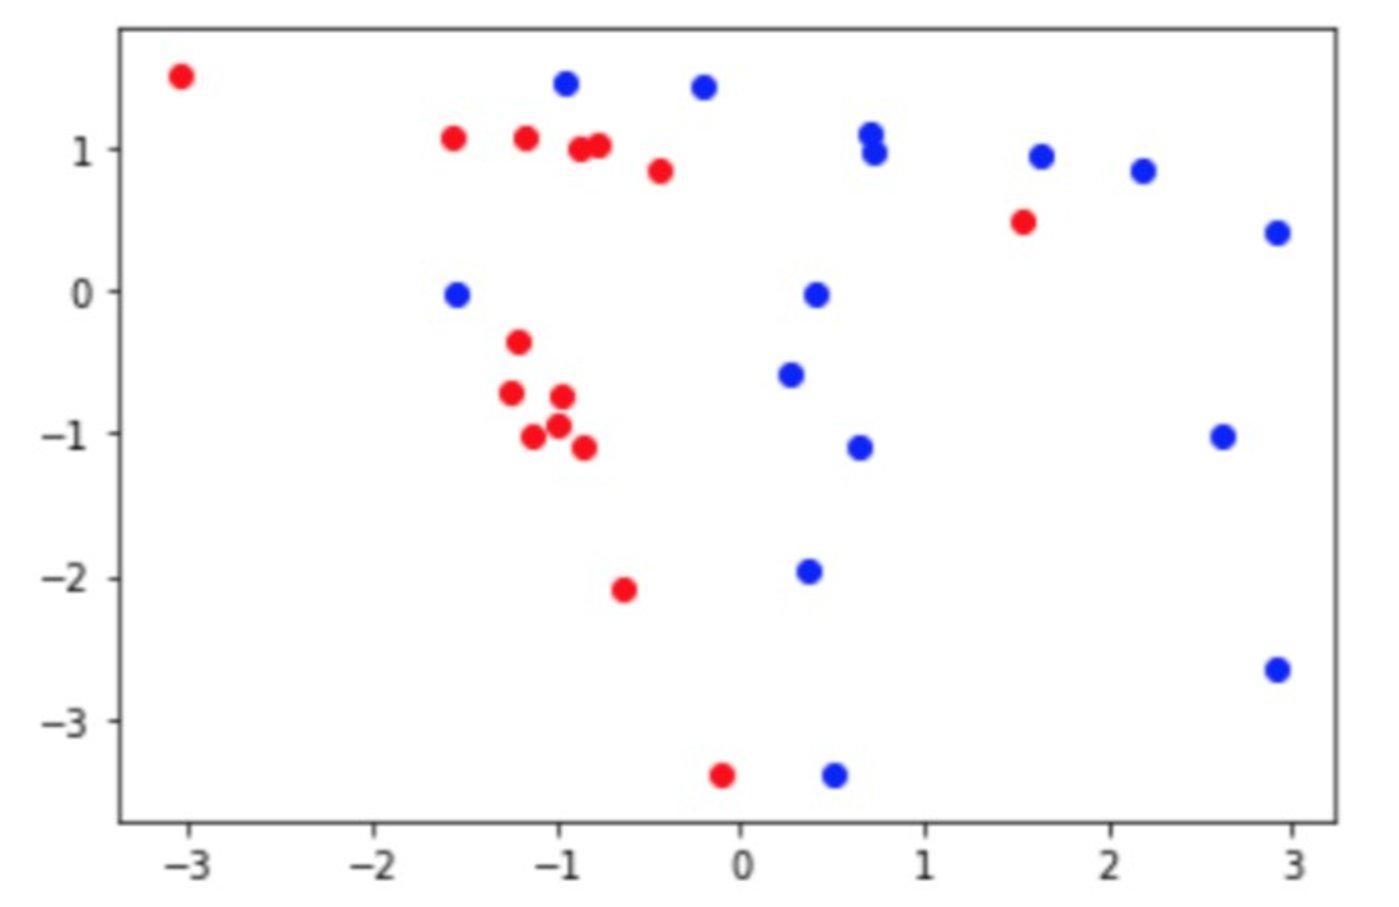 注意红点和蓝点的颜色有所区别